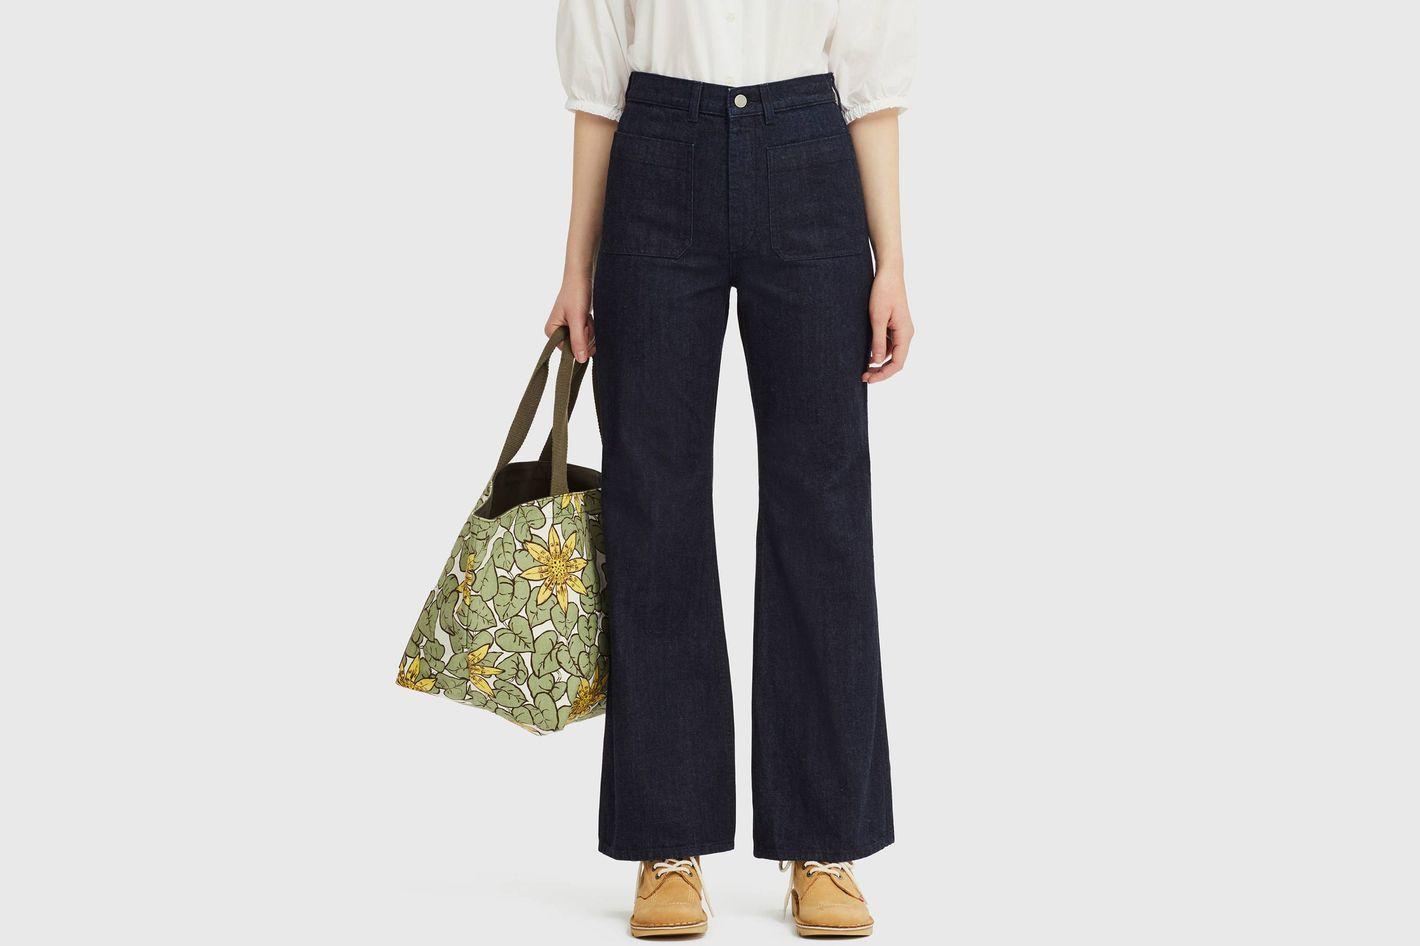 Uniqlo x JW Andersen Bell Bottom Jeans